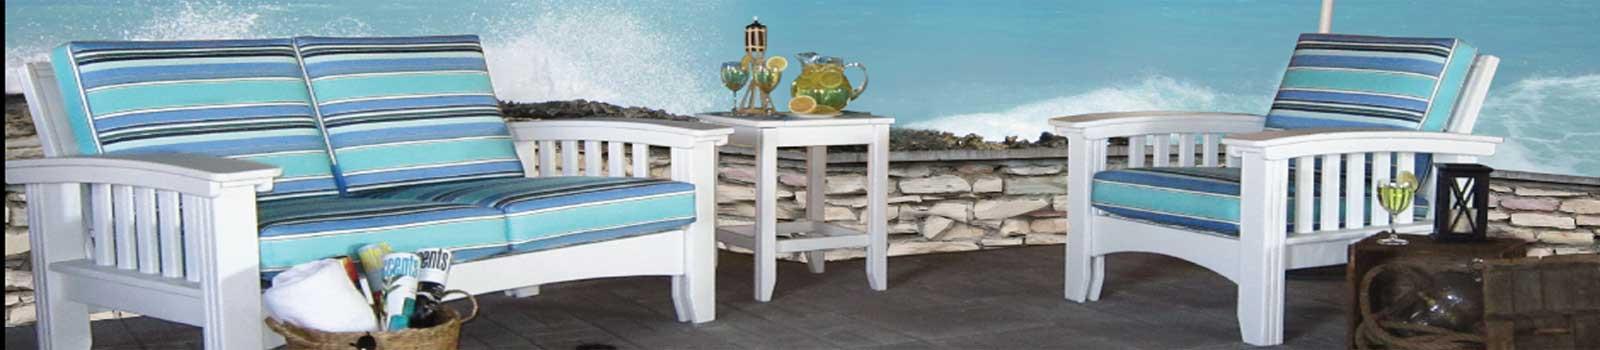 Superb amish patio furniture